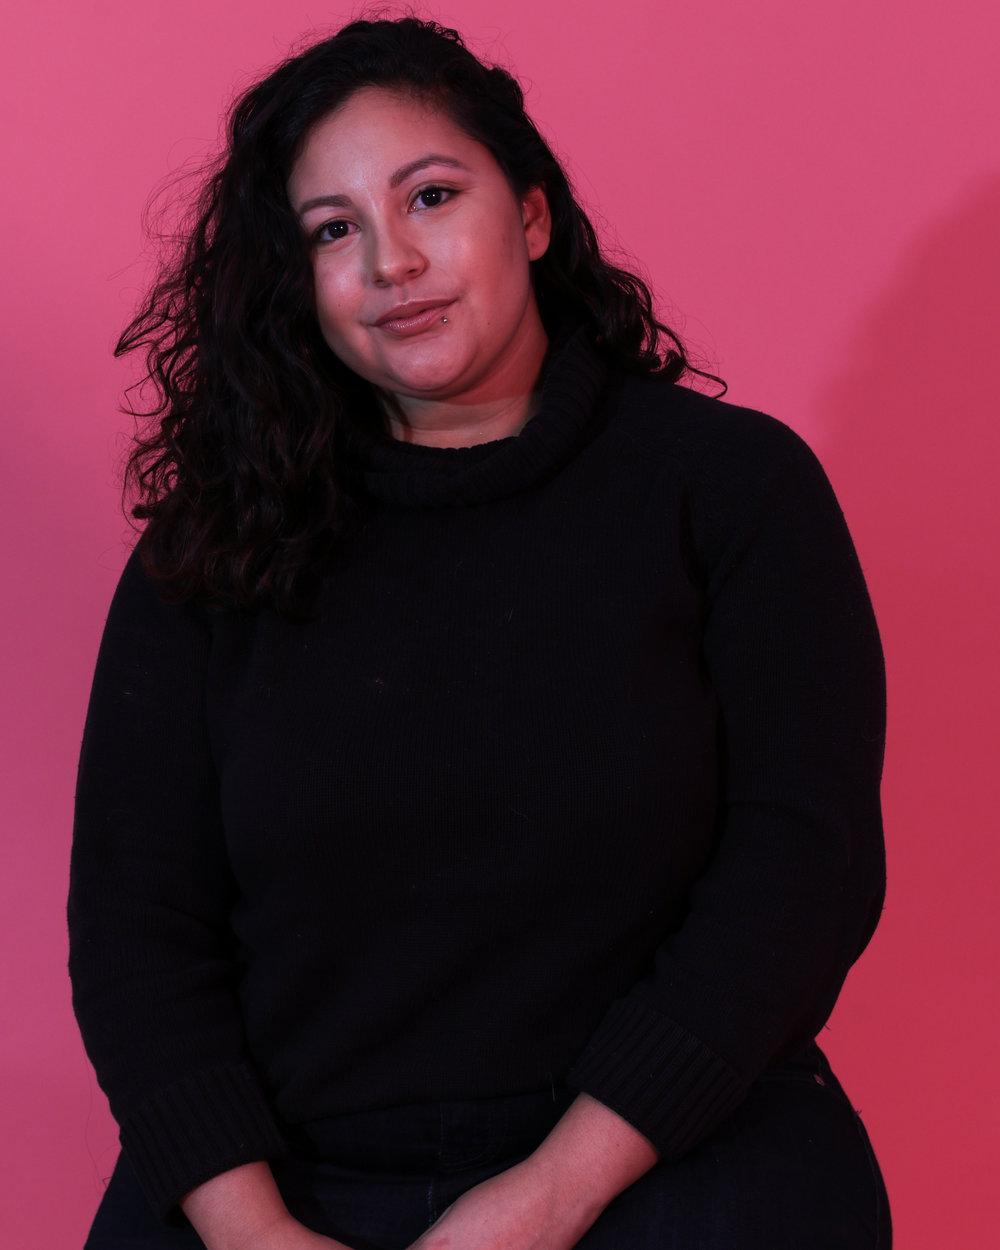 Lissette Martinez - Cuba/DR/PR, 26